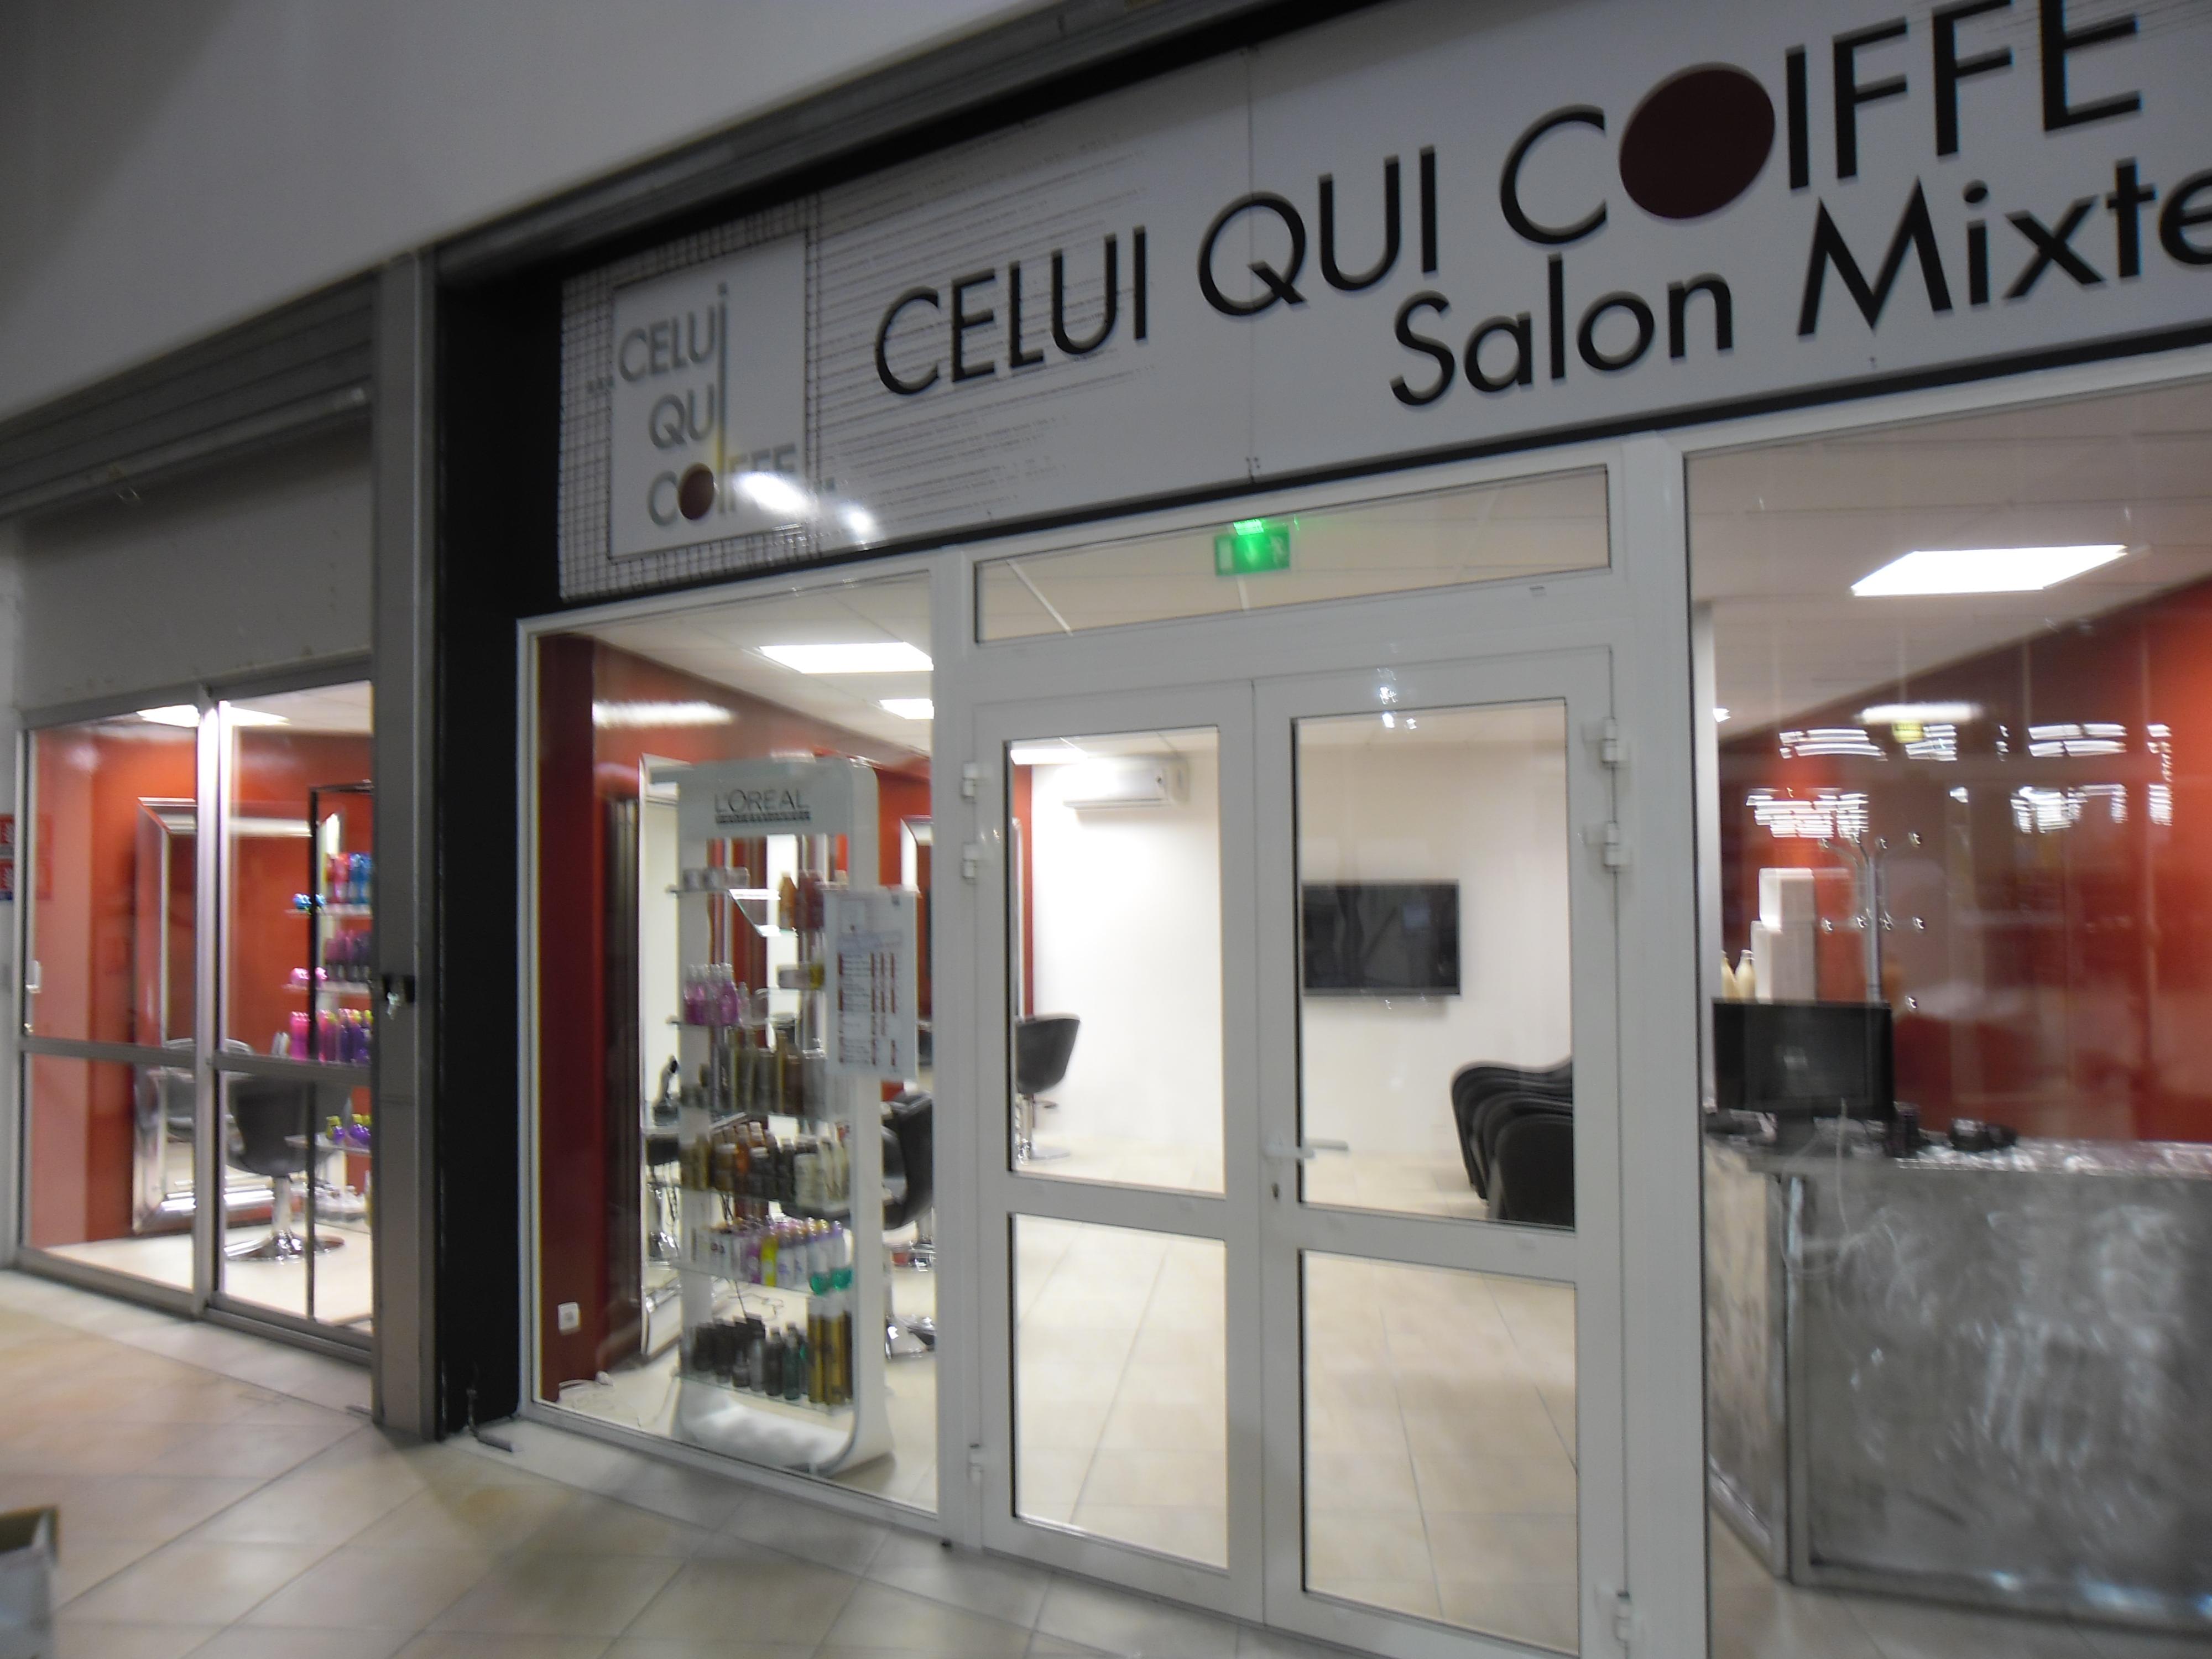 Celui qui coiffe colombiers avis tarifs horaires for Salon de coiffure qui recherche apprenti